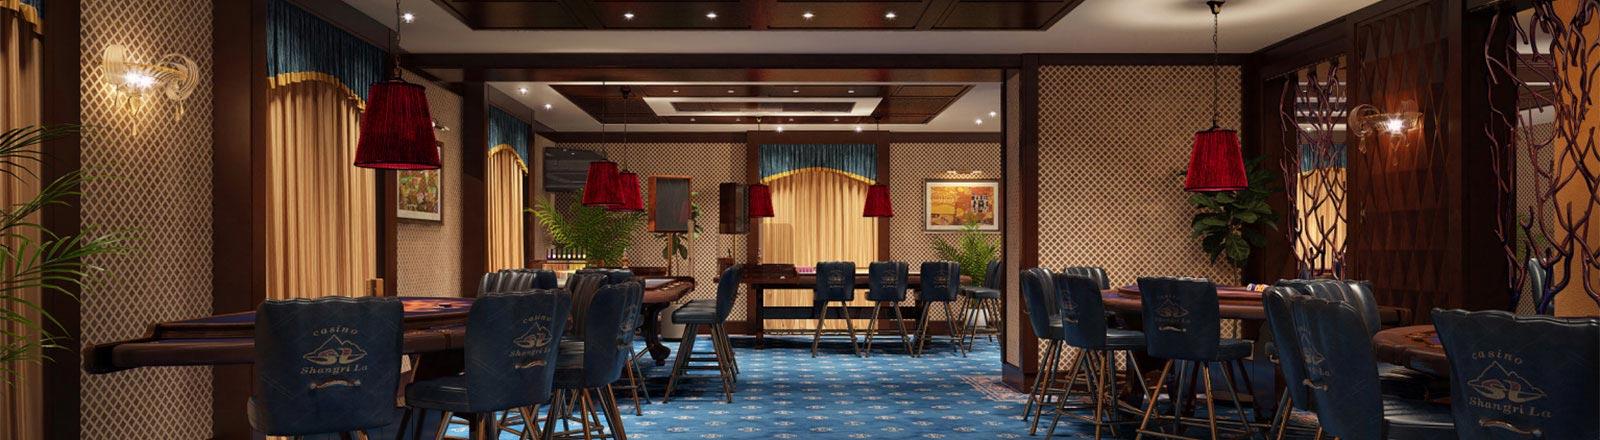 в Риге откроется казино сети Шангри Ла - фото 1